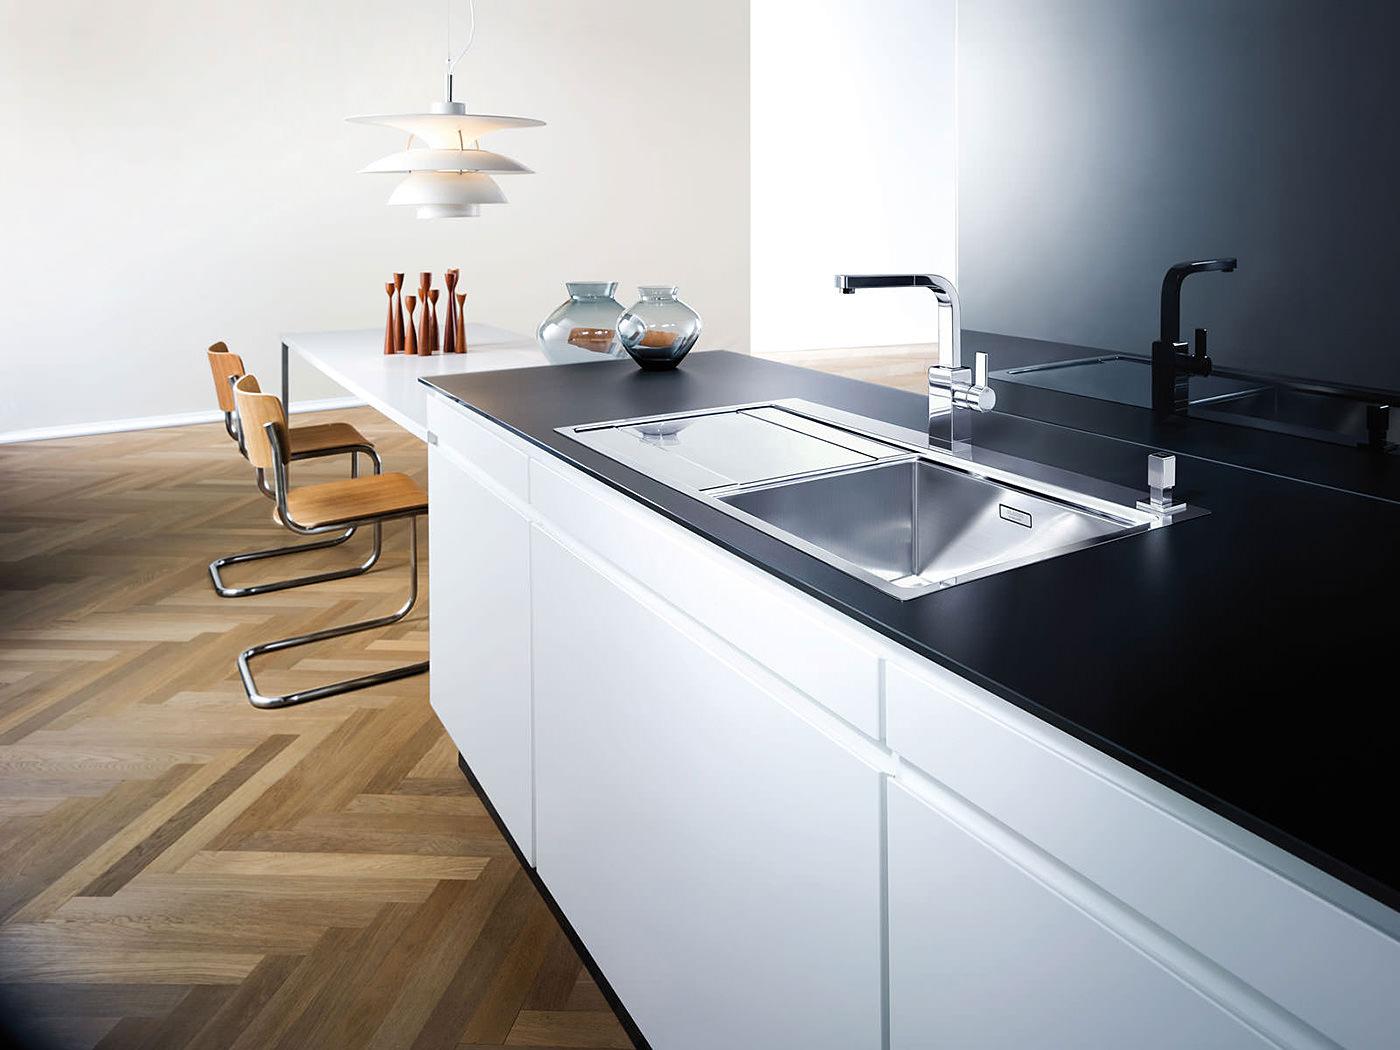 k chenzubeh r komplettieren sie ihre k che. Black Bedroom Furniture Sets. Home Design Ideas